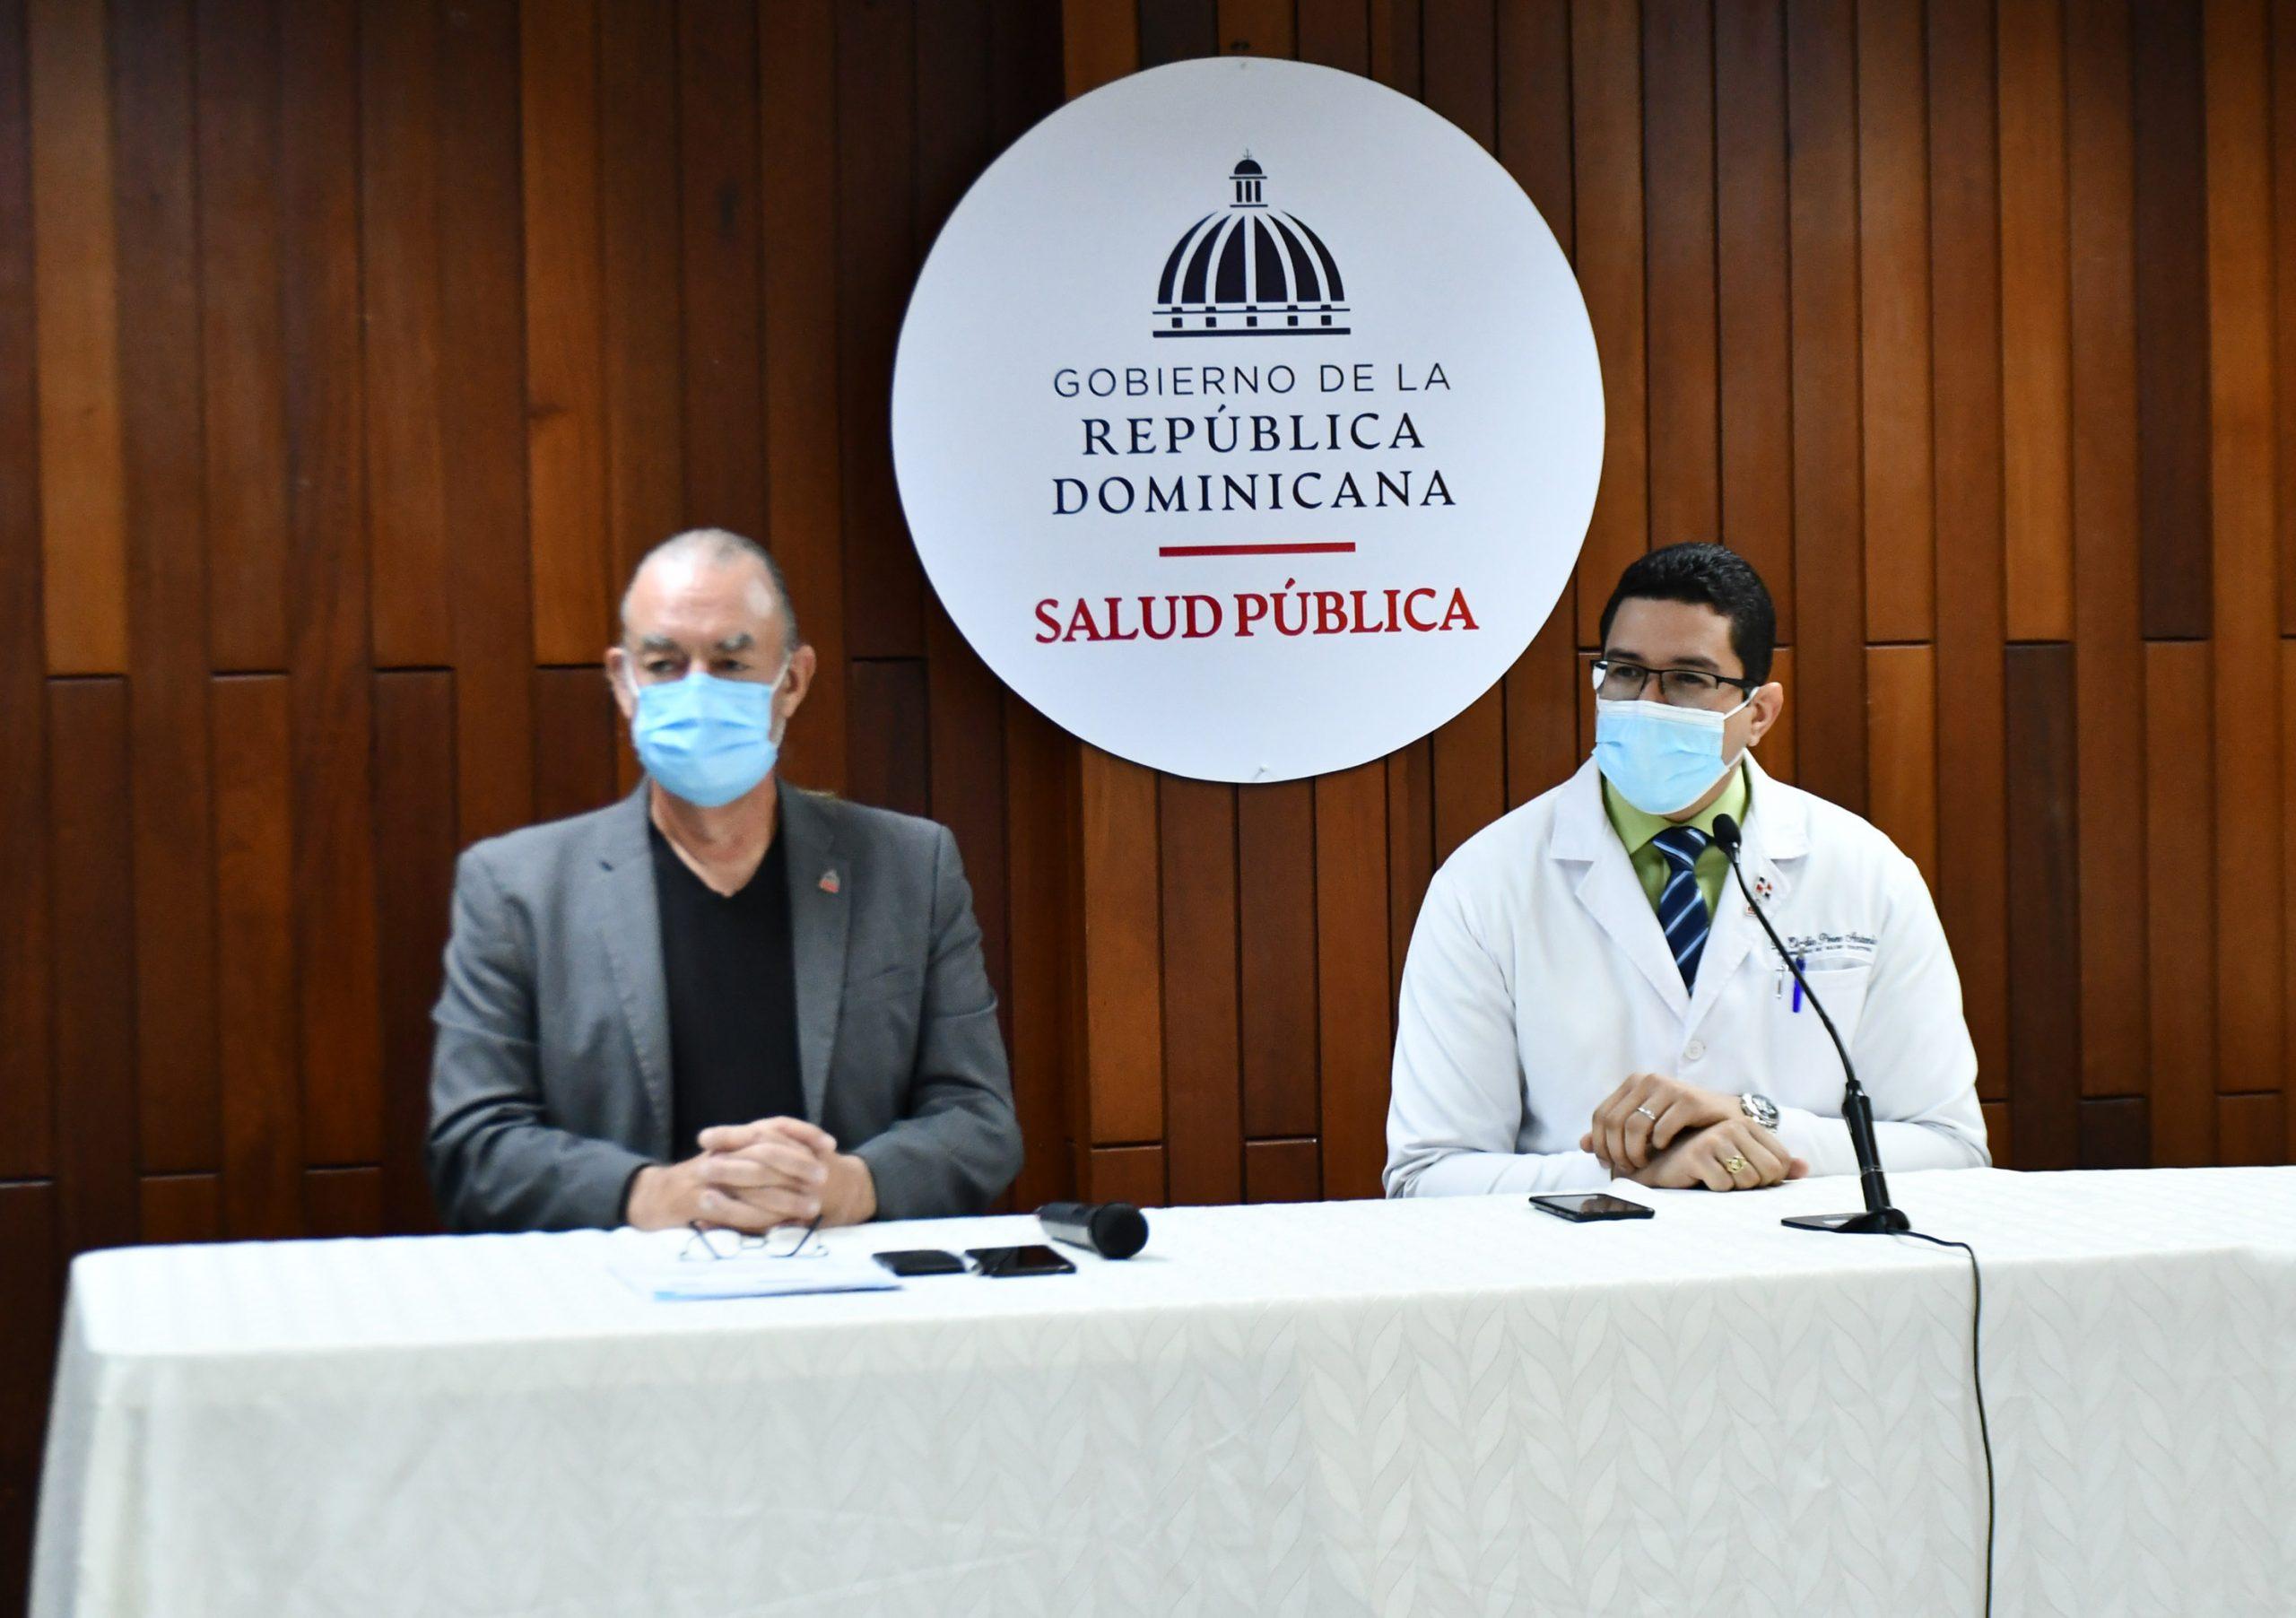 Ministerio de Salud Pública afirmaron este jueves que en el país no circula la variante delta del COVID-19